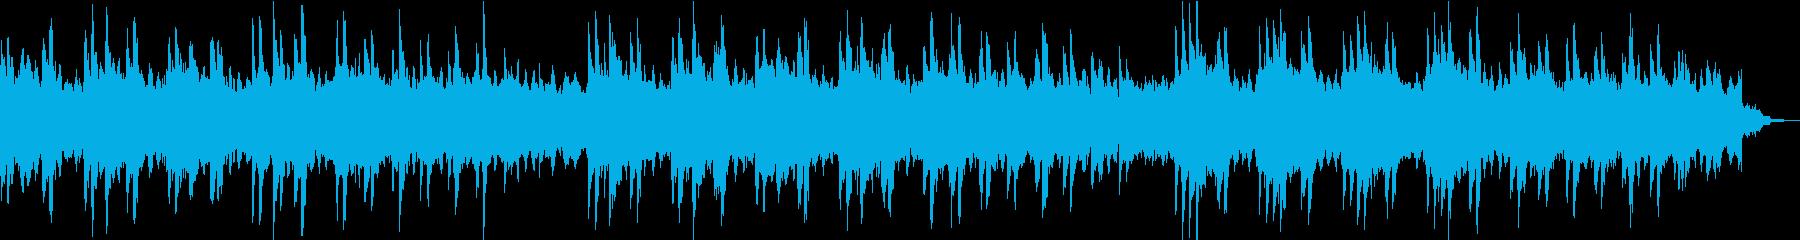 シンプルなピアノのメロディーとシン...の再生済みの波形